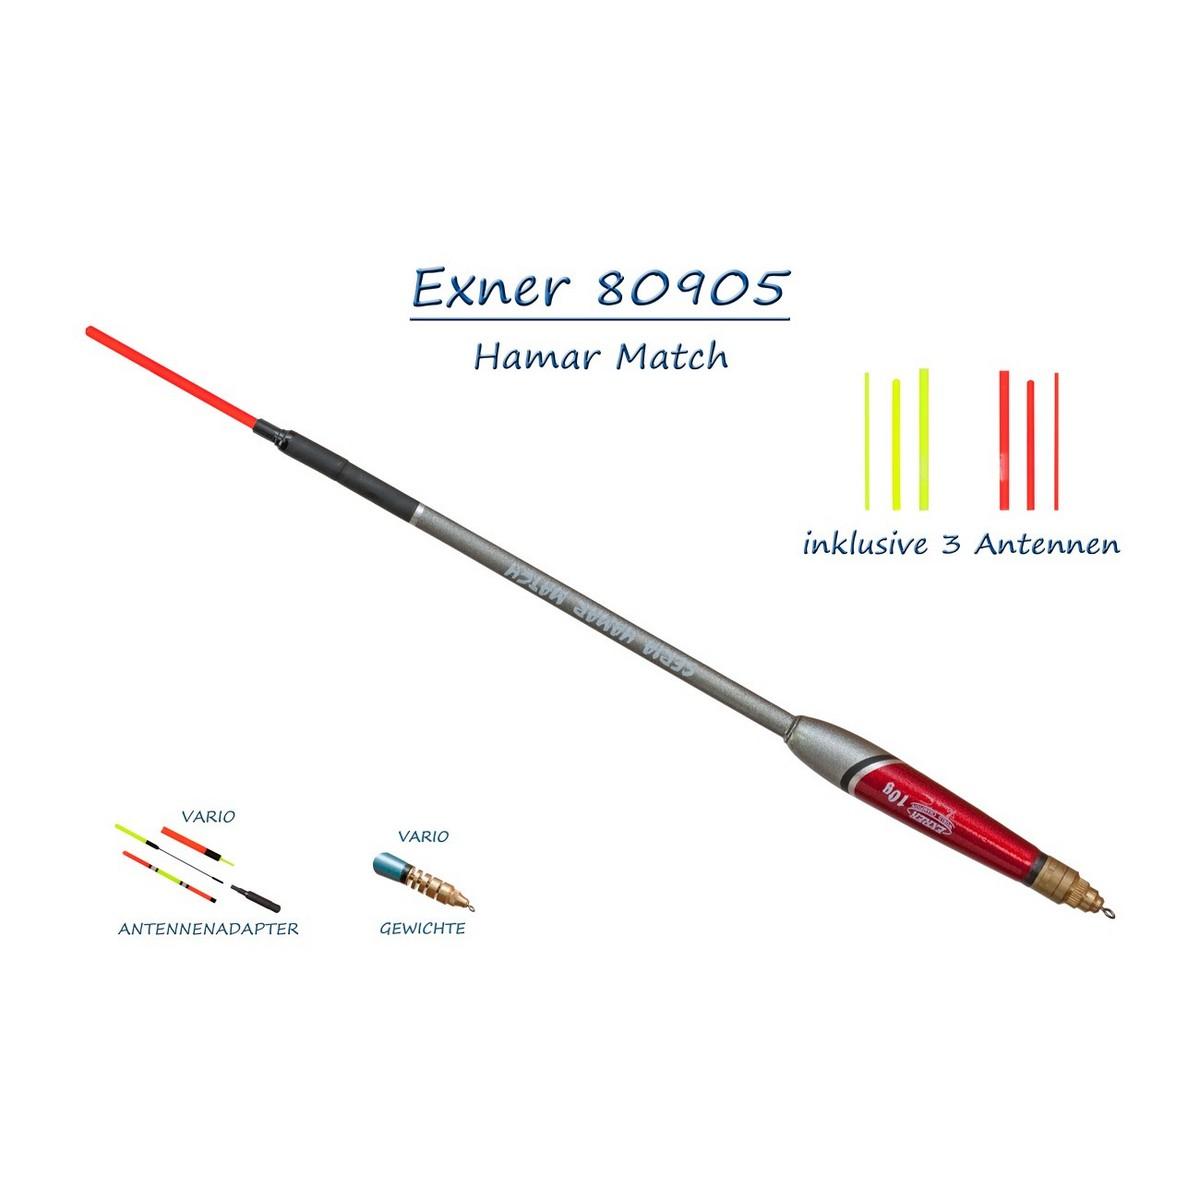 Ваглер Exner Hamar Match 80905